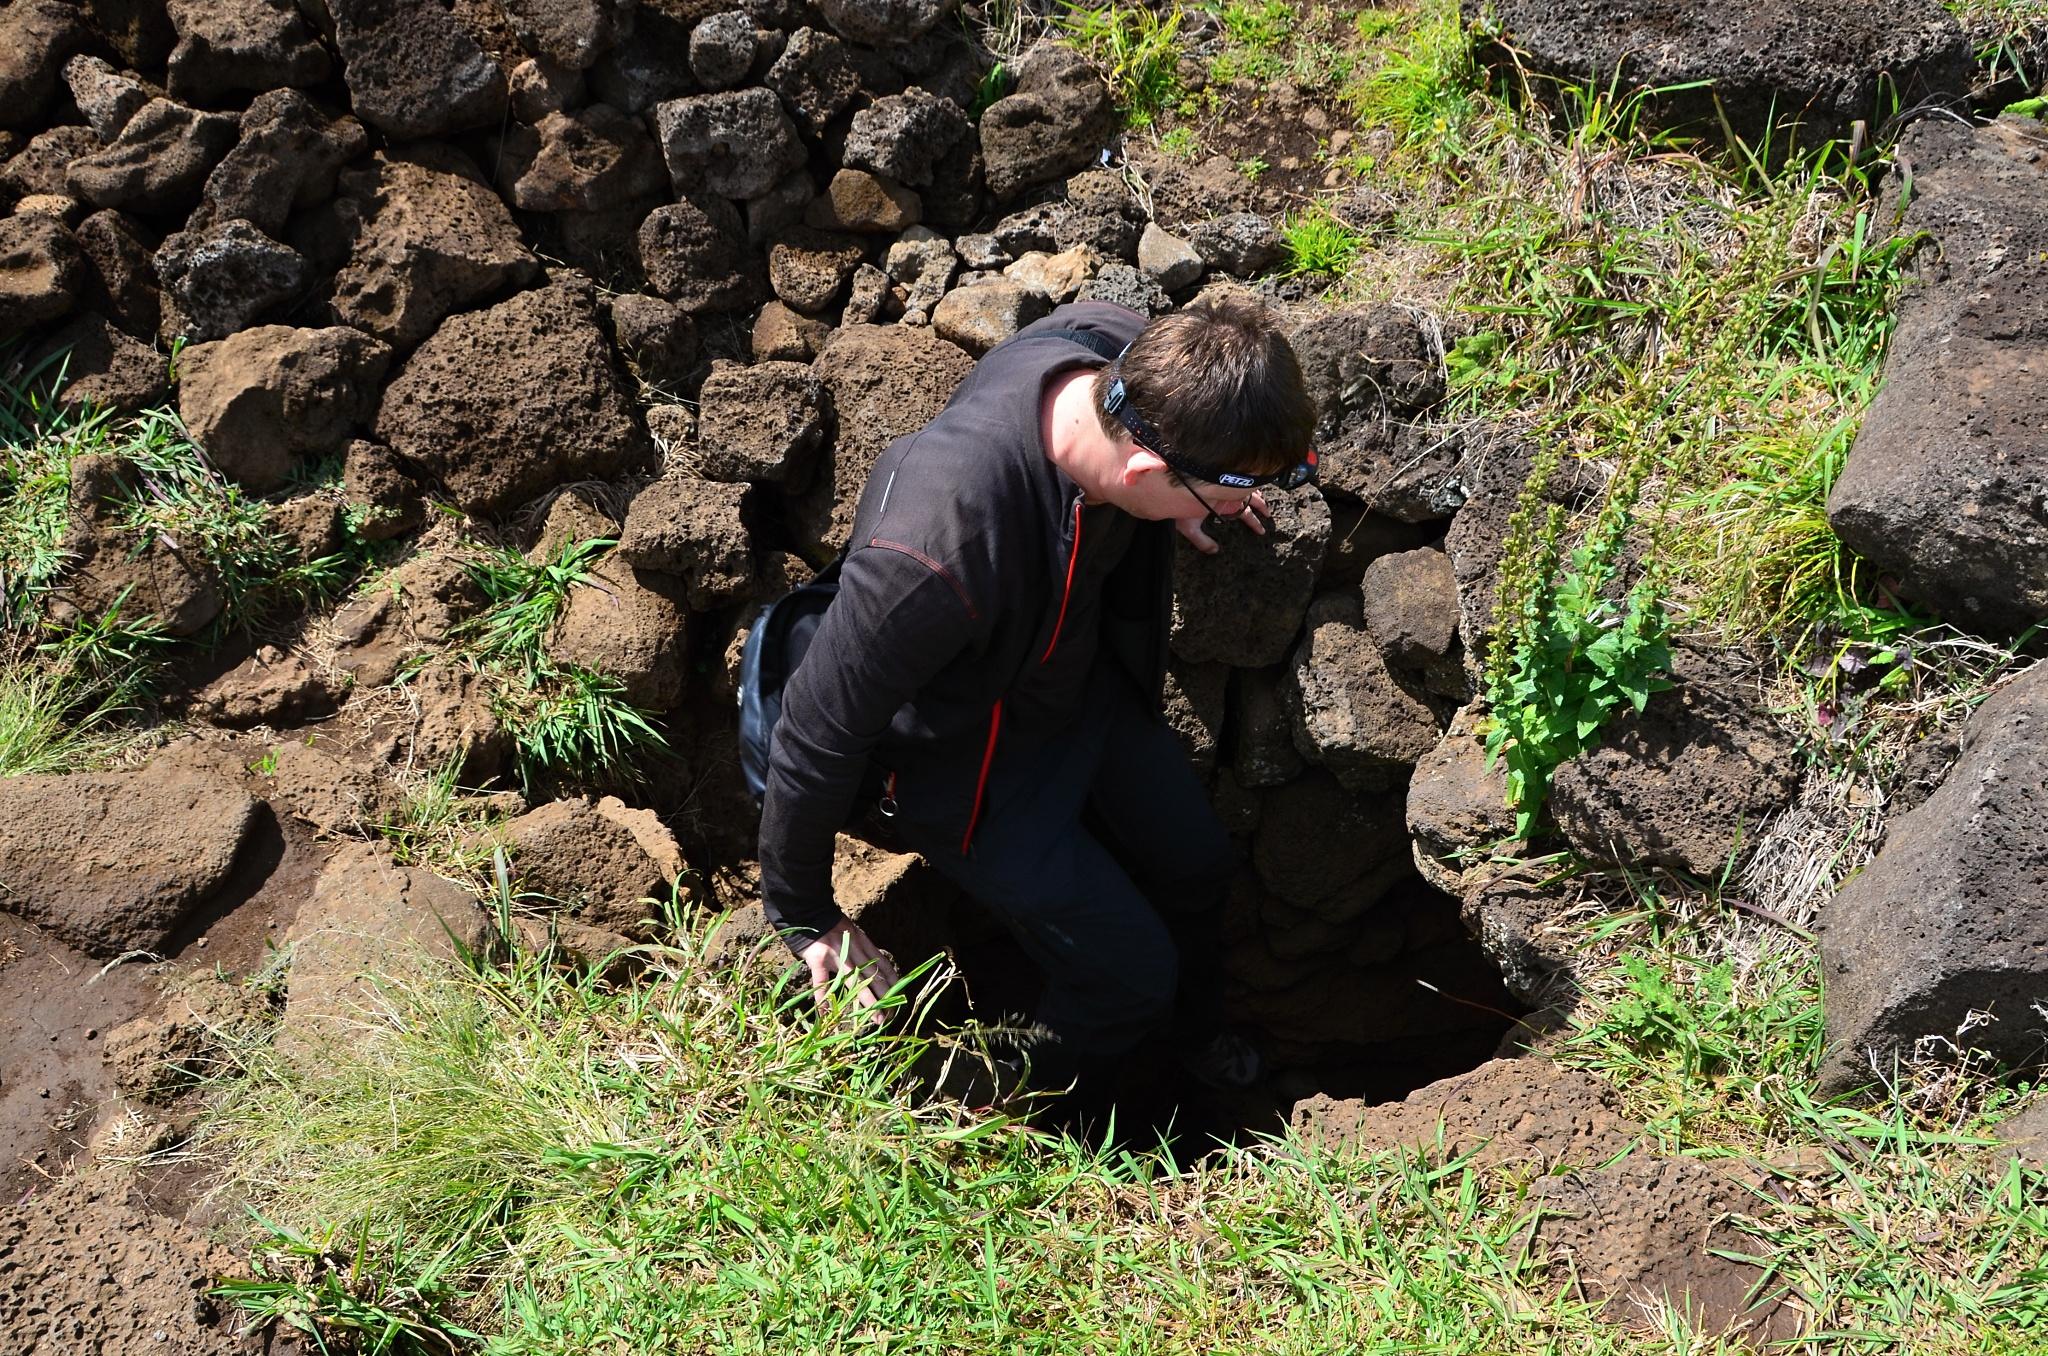 Vstup do jeskyně Ana Kakenga neboli La Cueva de Dos Ventanas (Jeskyně se dvěma okny)